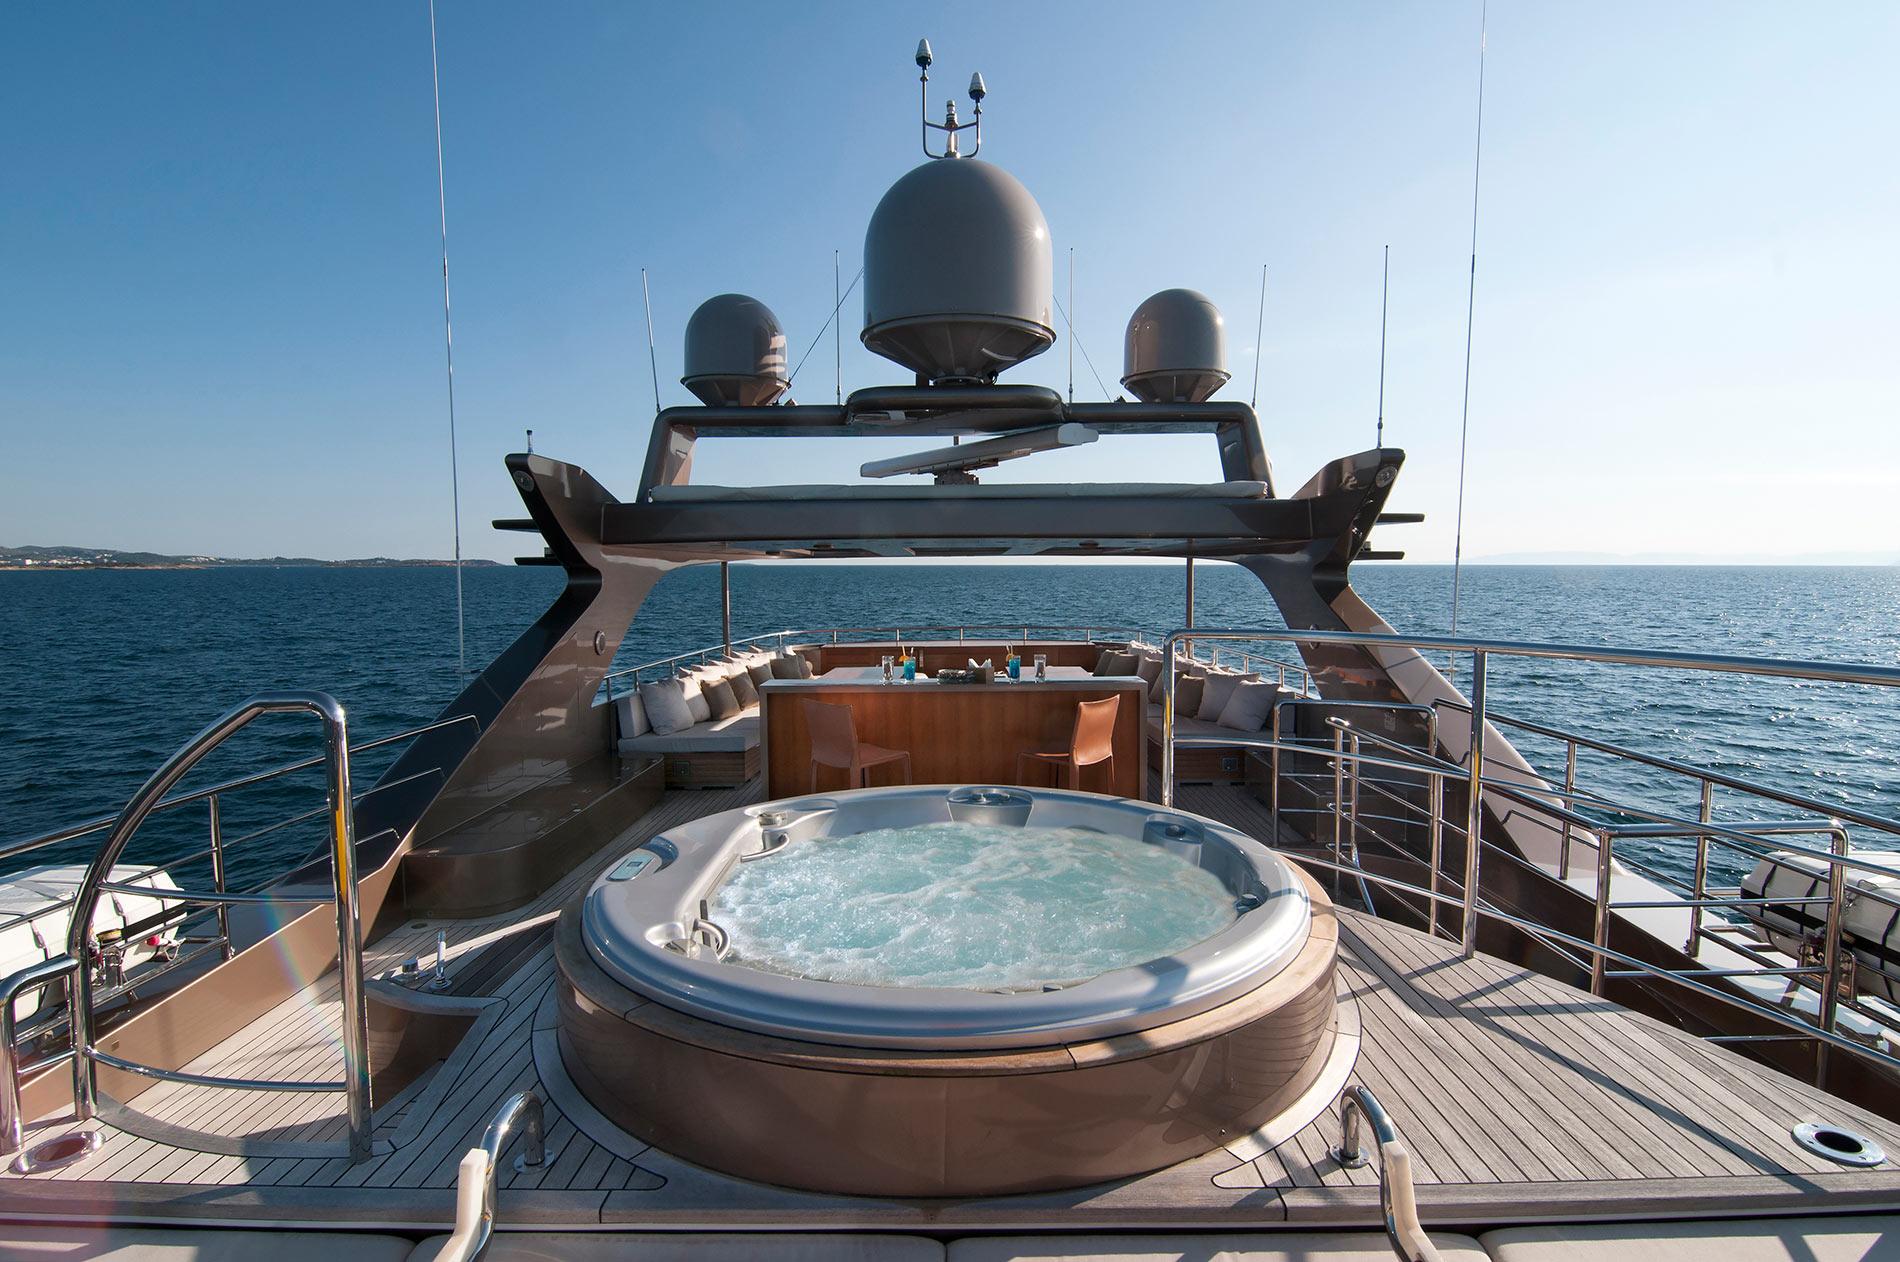 Yacht GEOSAND - Sundeck & Jacuzzi Pool